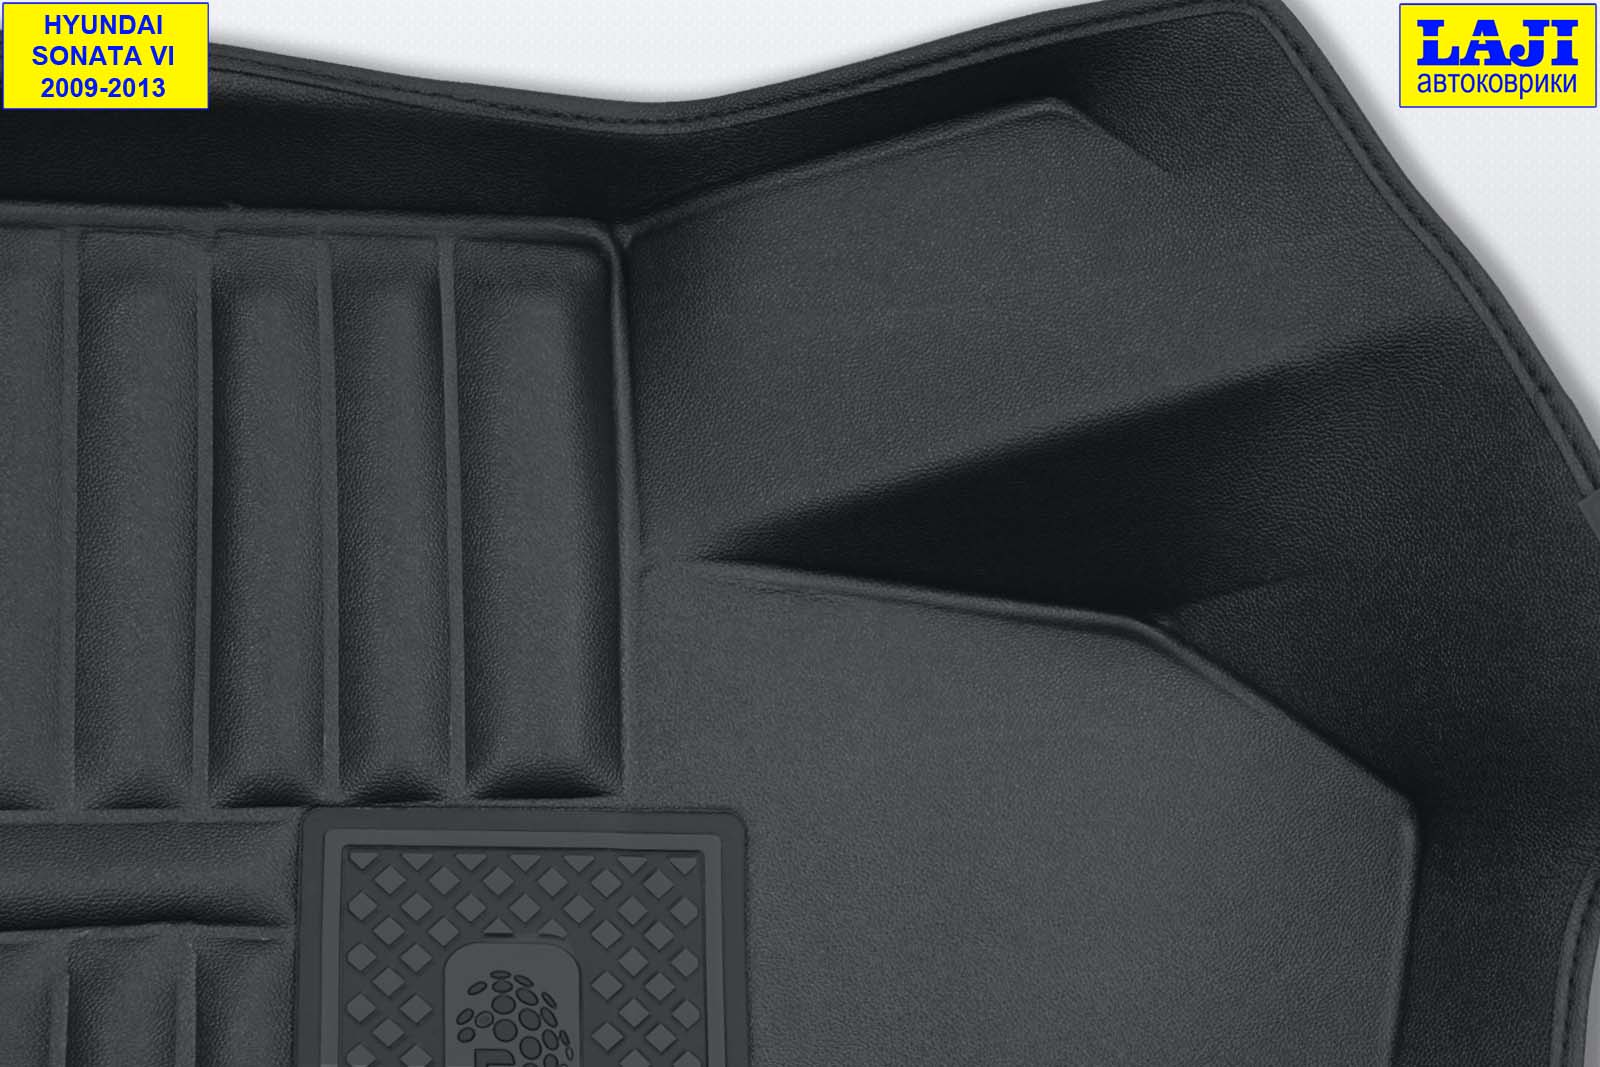 5D коврики в салон Sonata 6 2009-2013 6